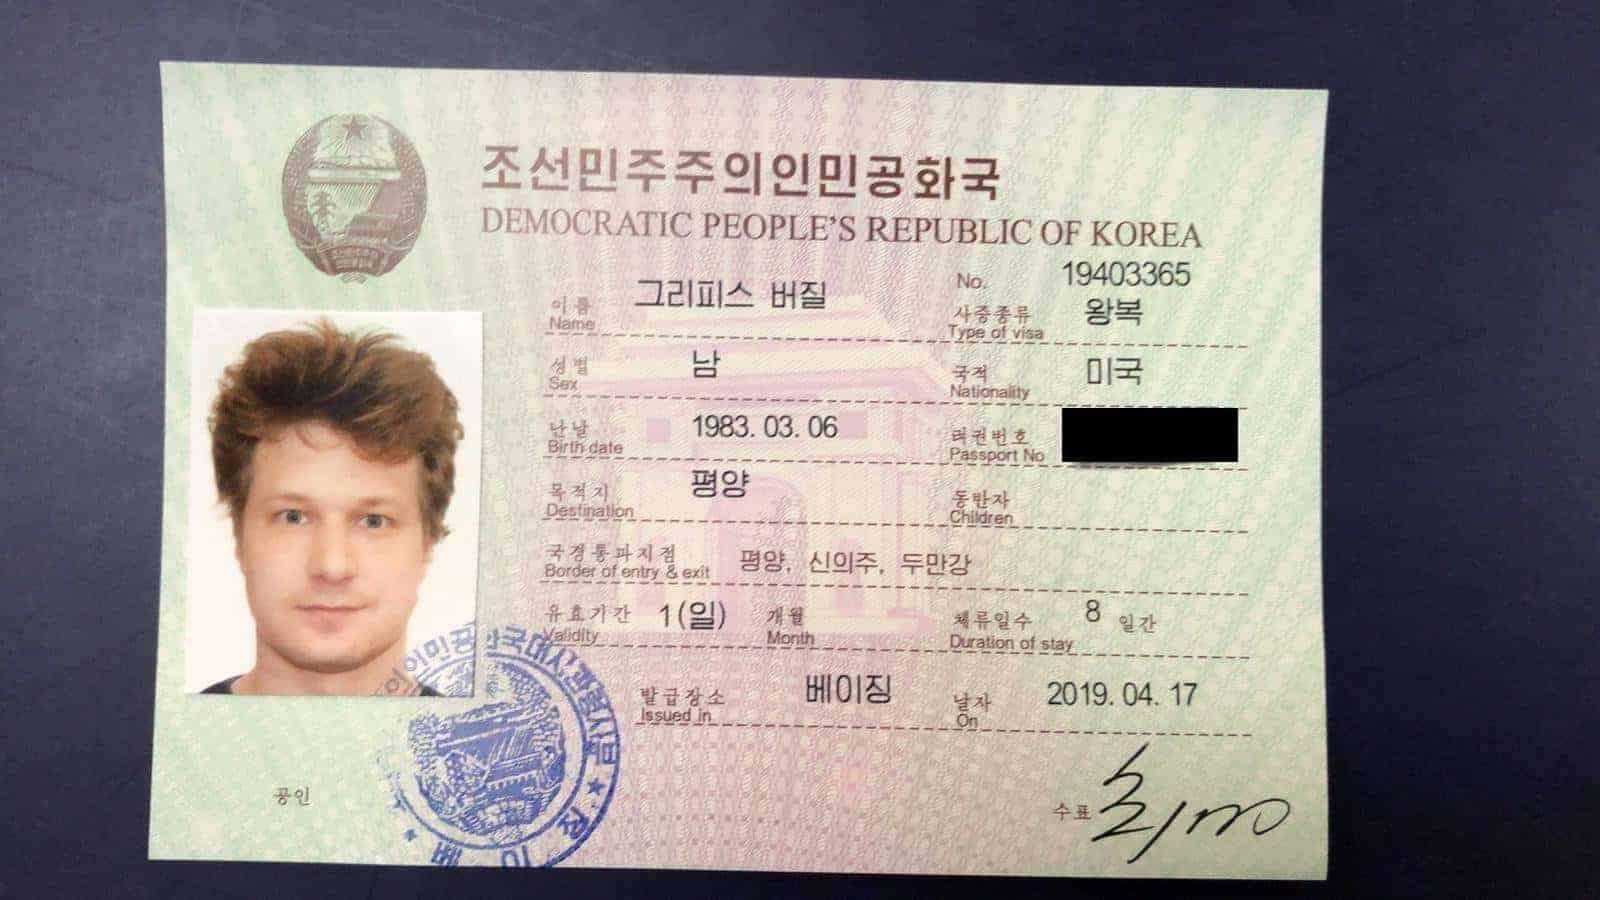 미국 암호화폐 전문가 버질 그리피스(36)가 북한에서 암호화폐로 제재 회피 정보를 제공한 혐의로 28일(현지시간) 미국에서 체포됐다. <출처: 버질 그리피스 트위터>